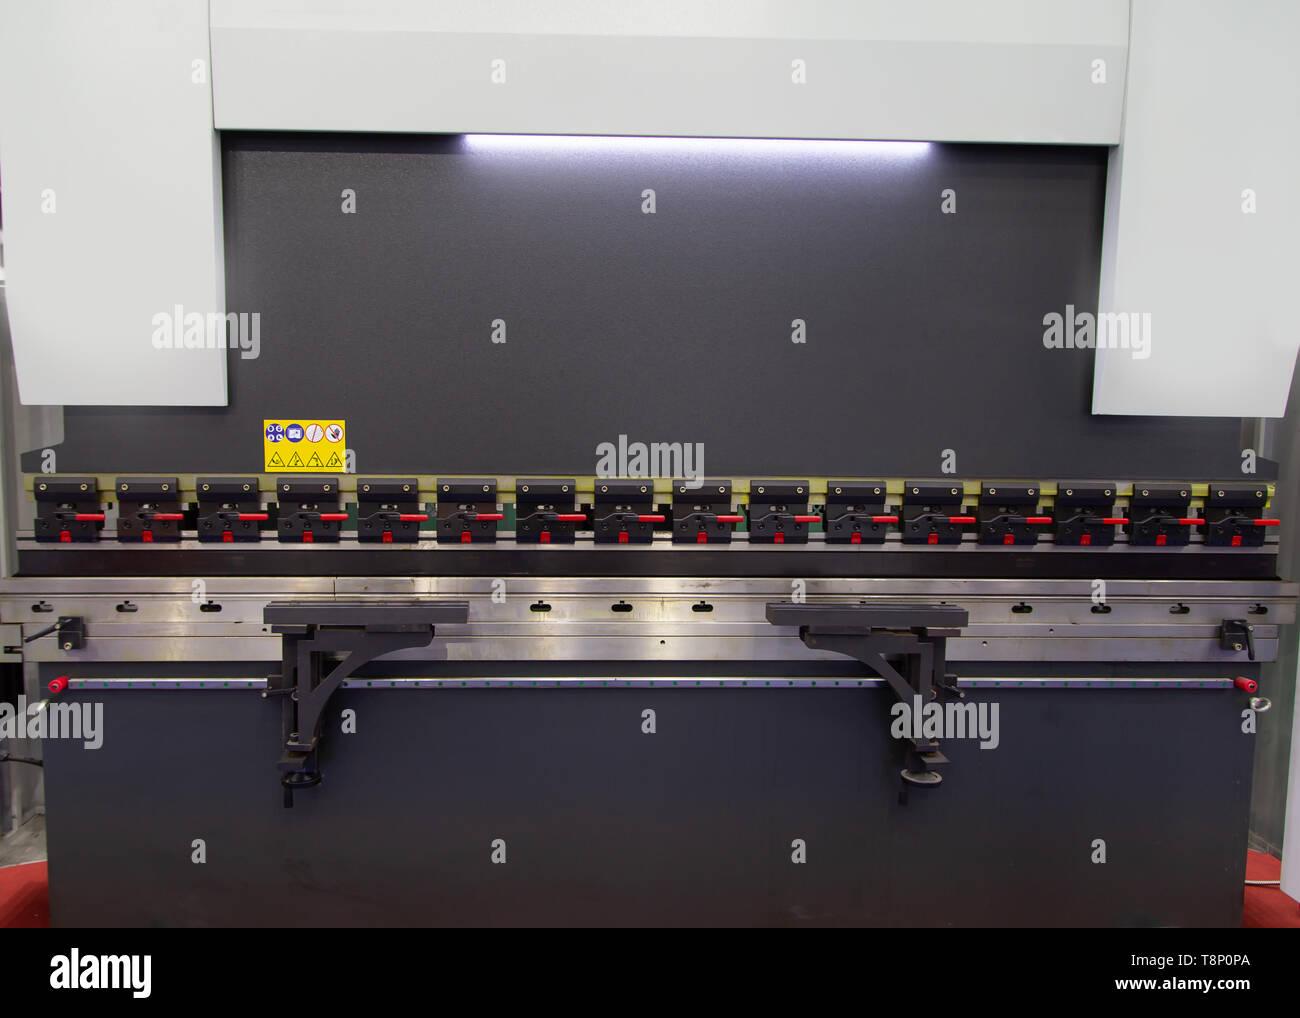 Cnc Brake Press Machine Stock Photos & Cnc Brake Press